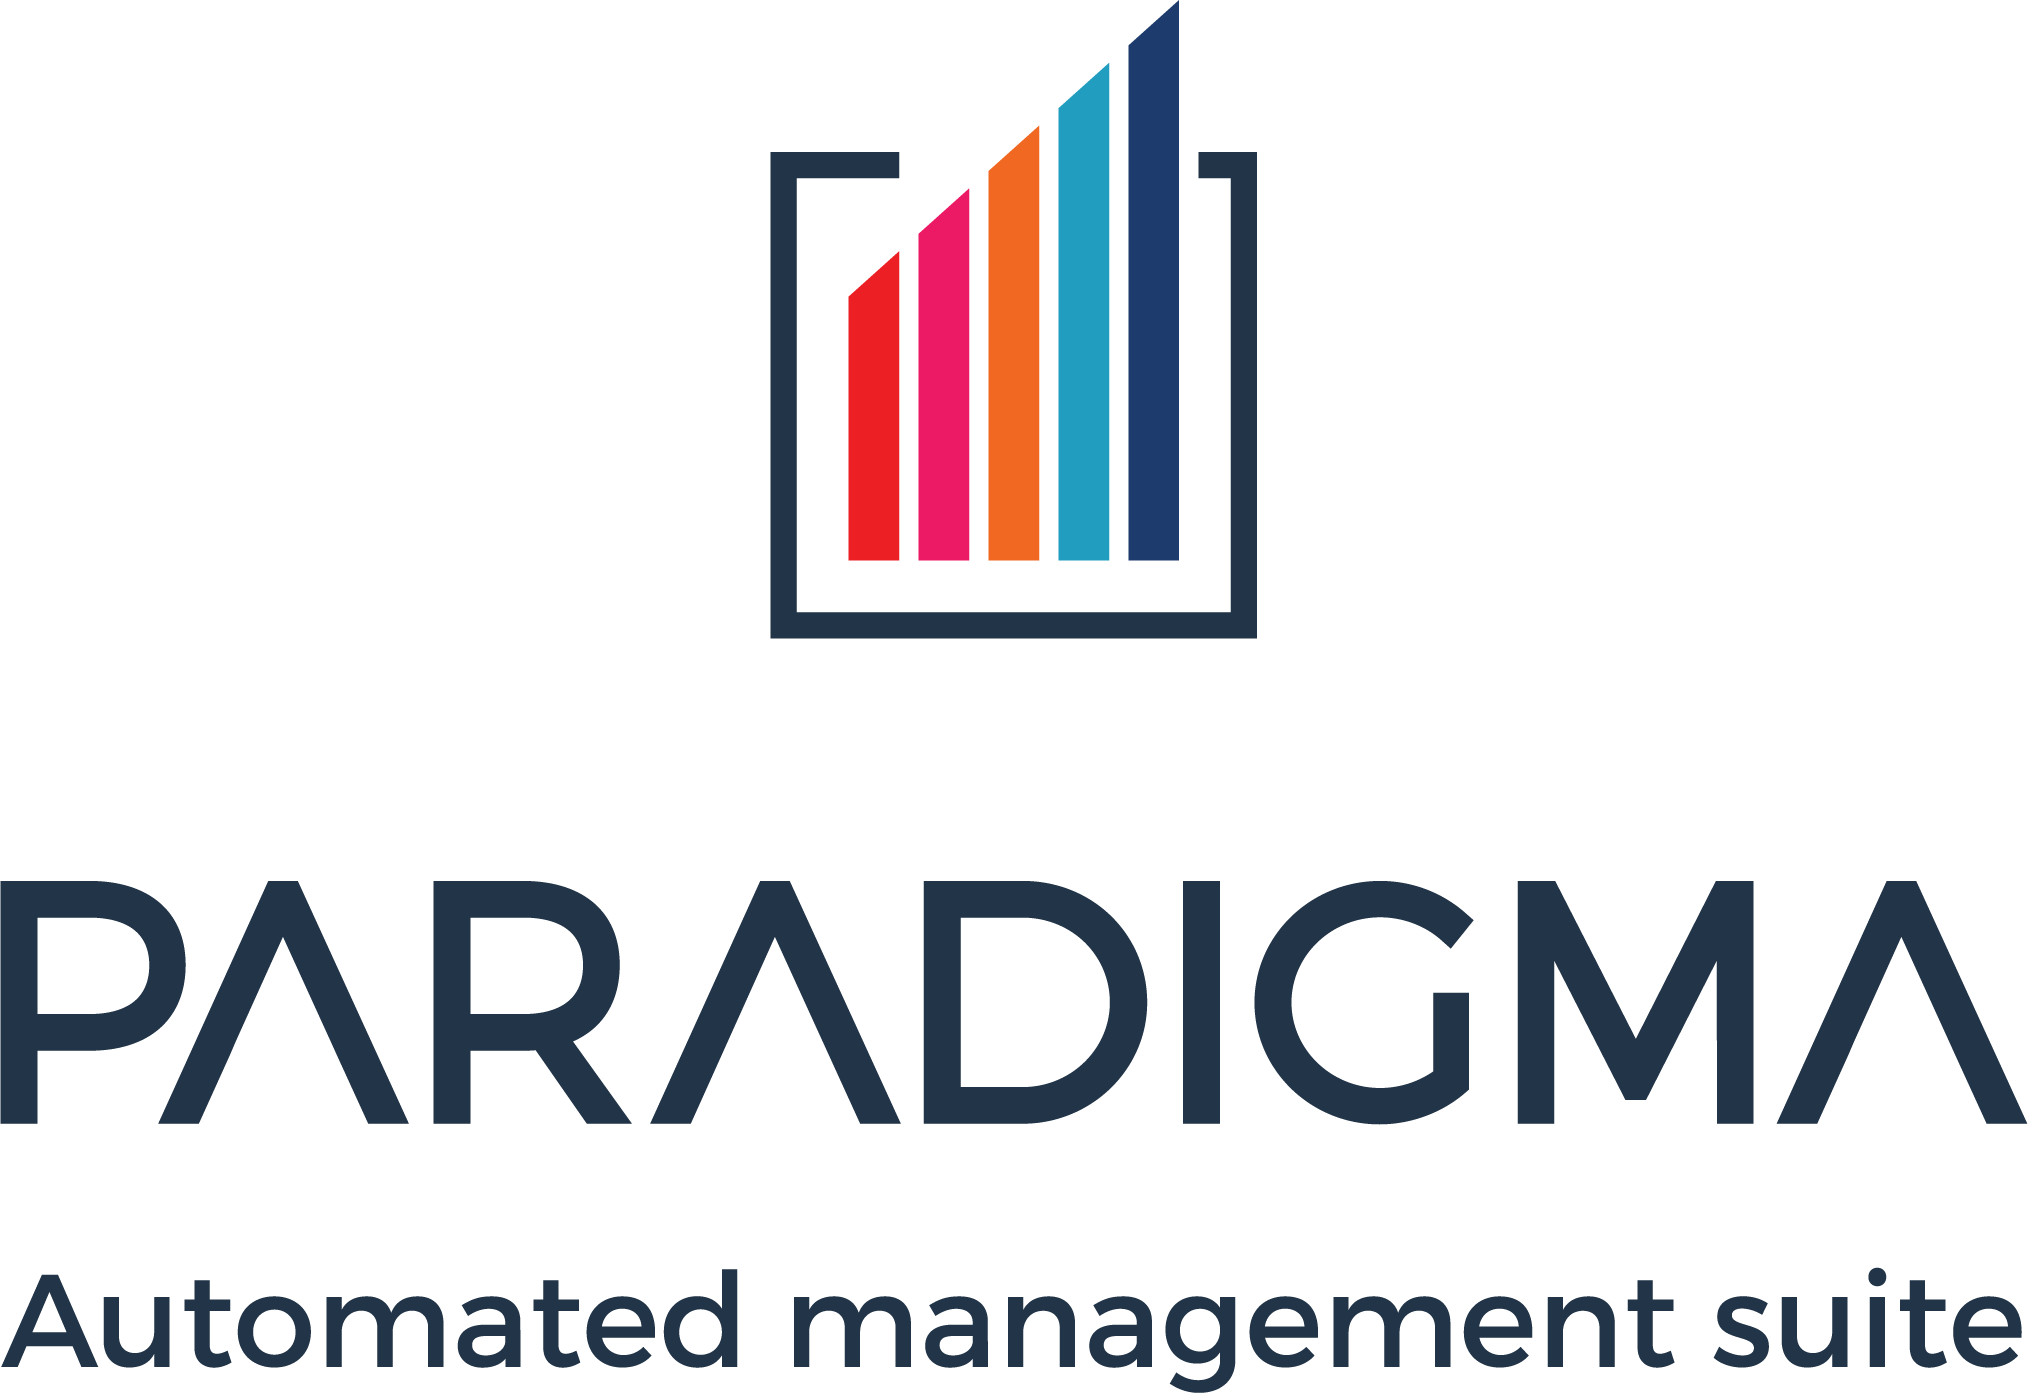 Paradigma_logo